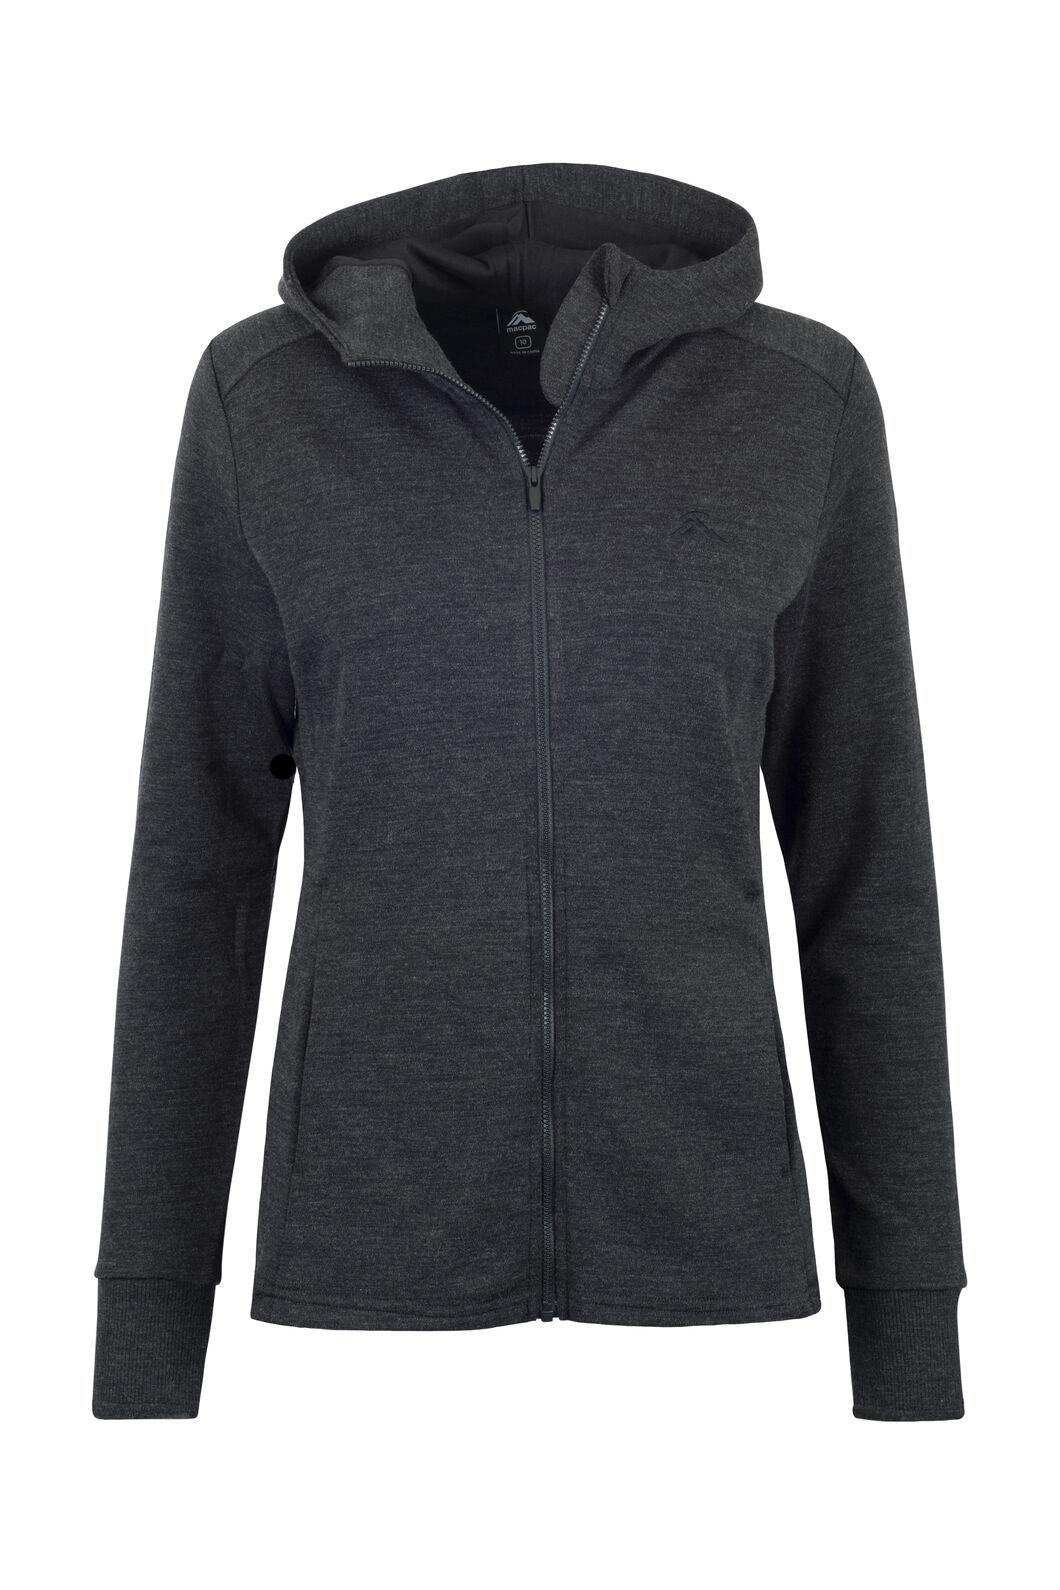 Macpac Ohau 320 Merino Hooded Jacket — Women's, Charcoal Marle, hi-res